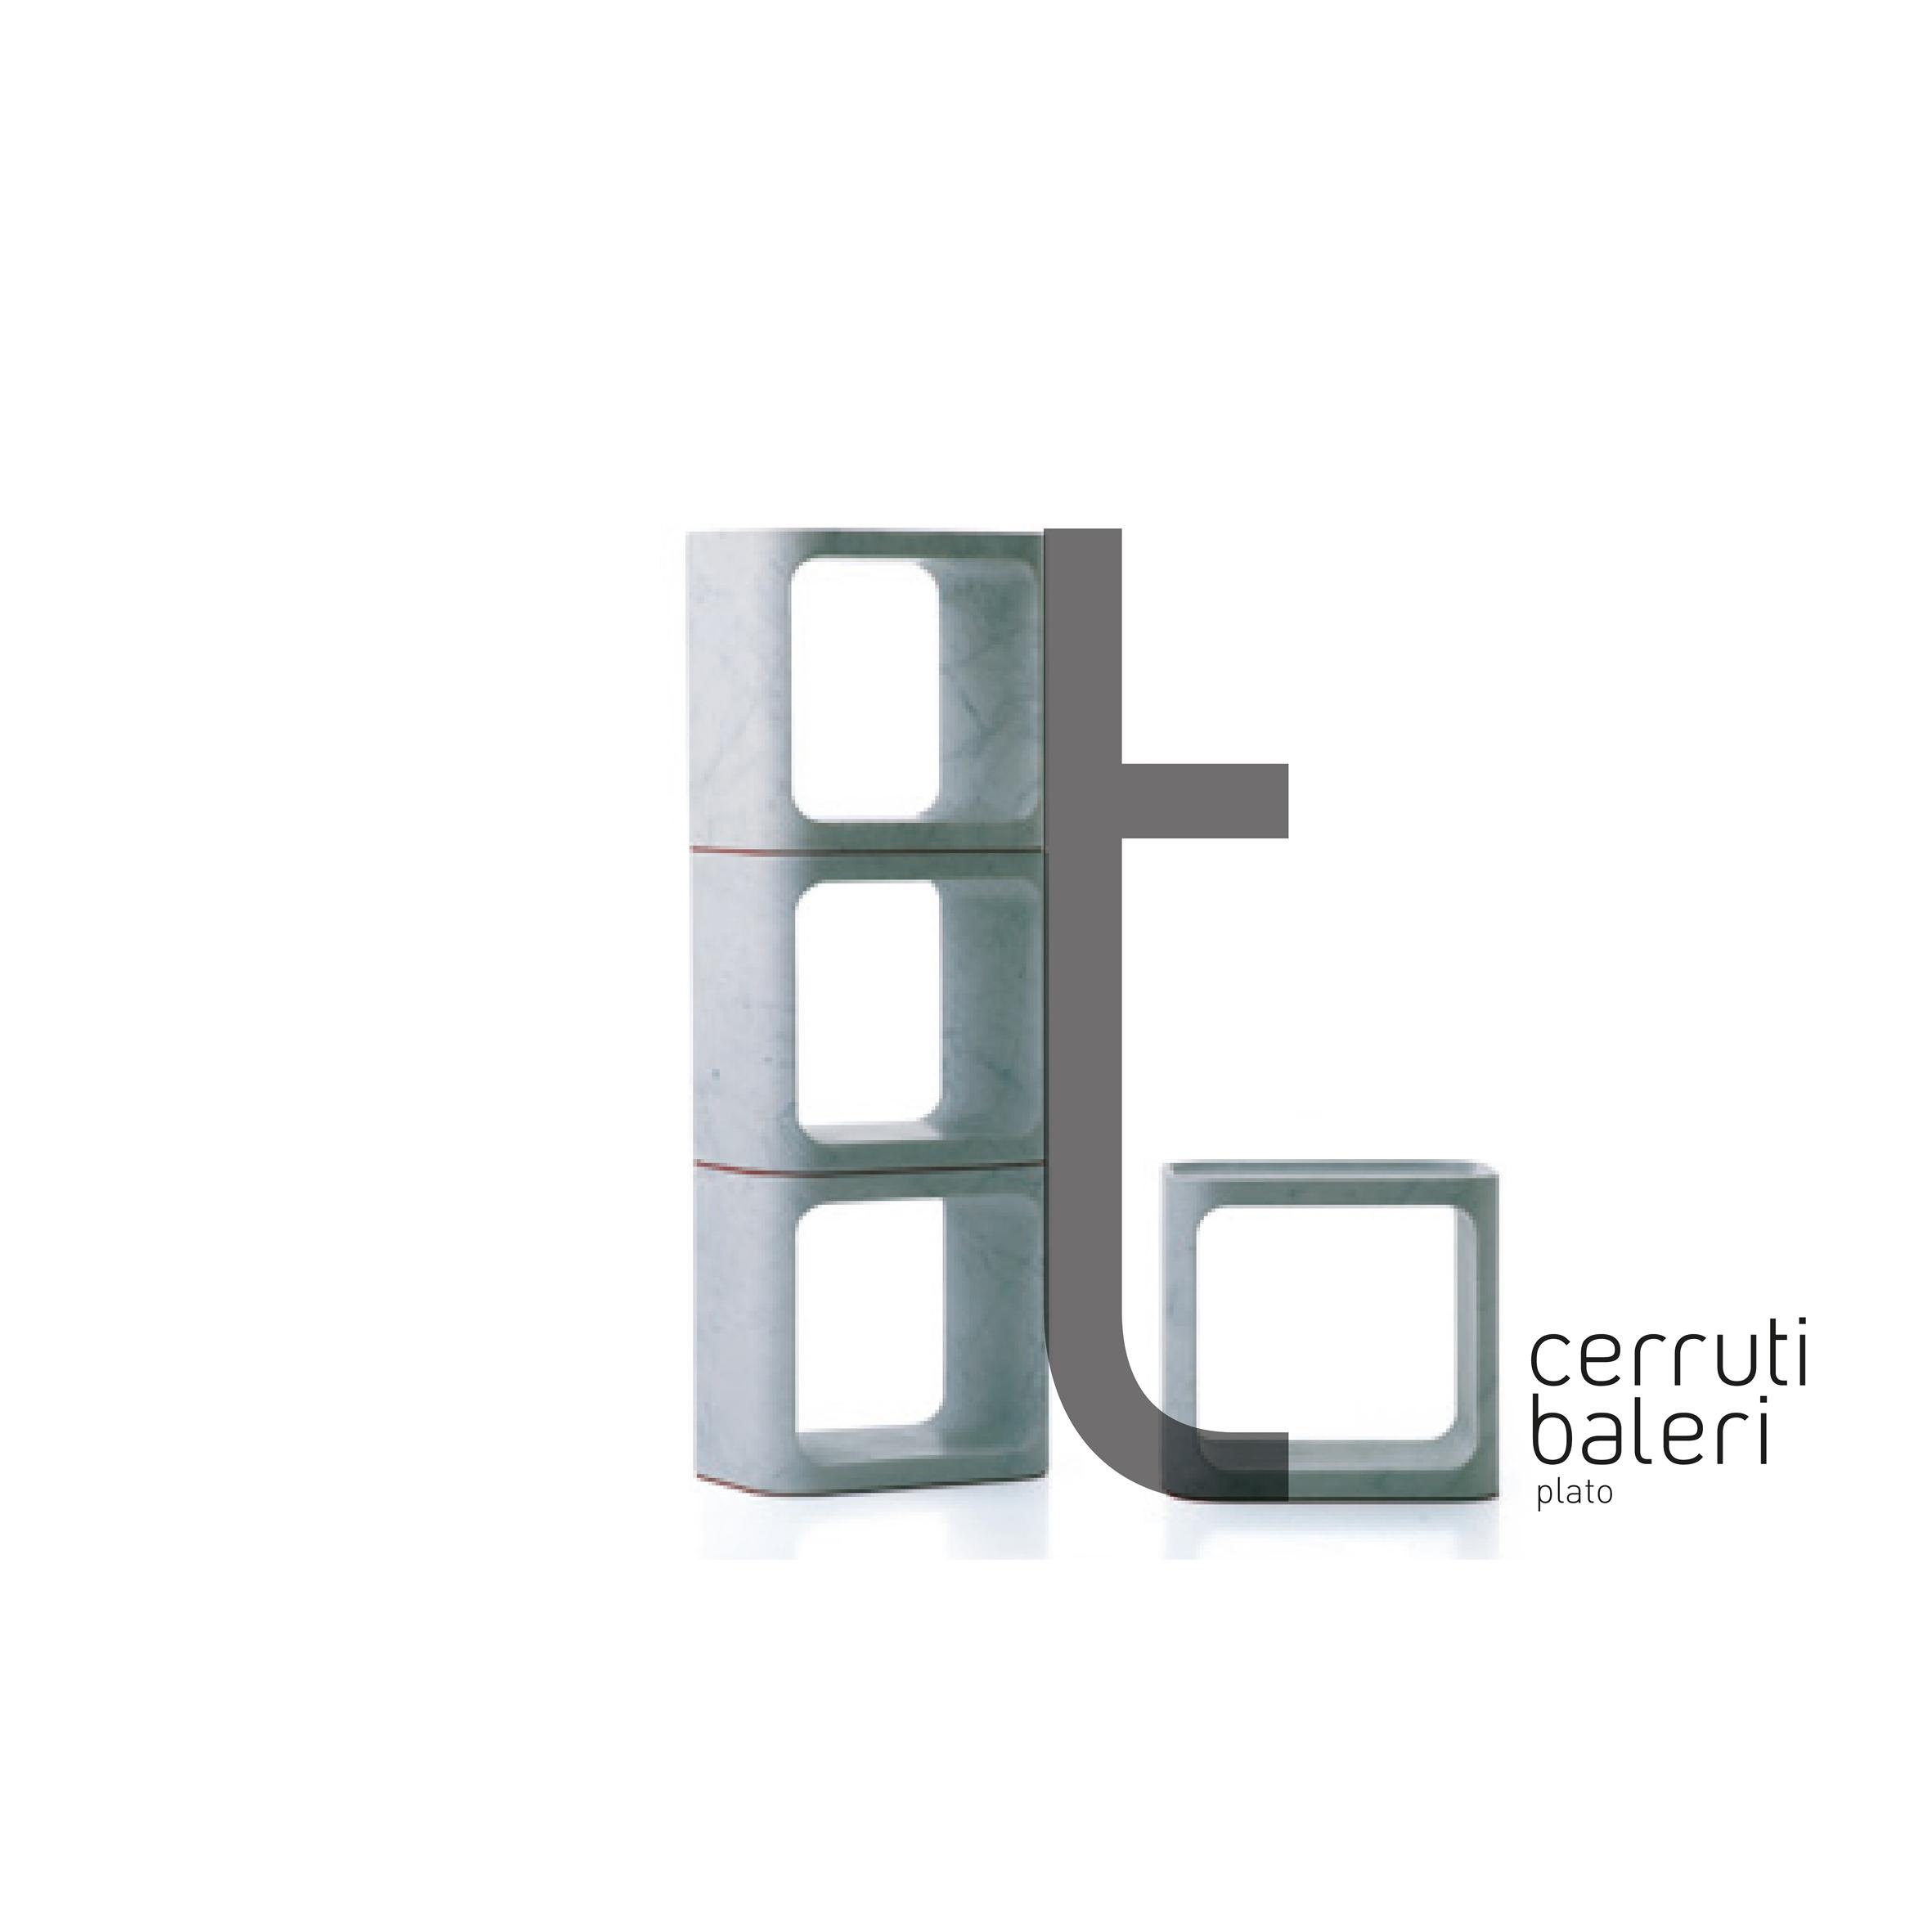 cerrutbaleri_lettere logo-okp1.jpg